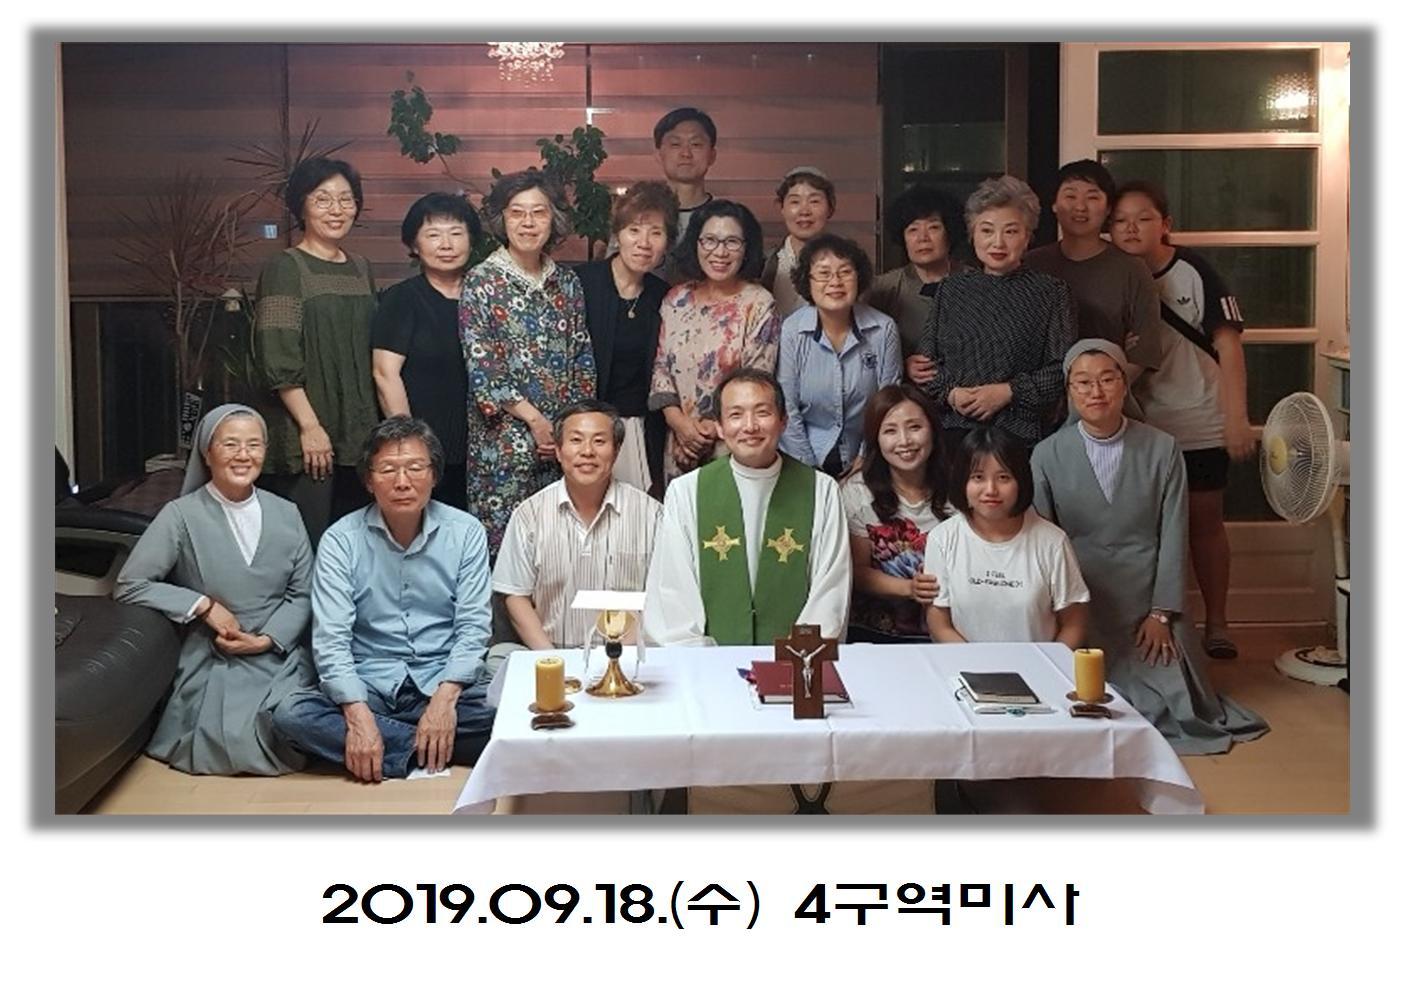 20190918(수)4구역미사001.jpg